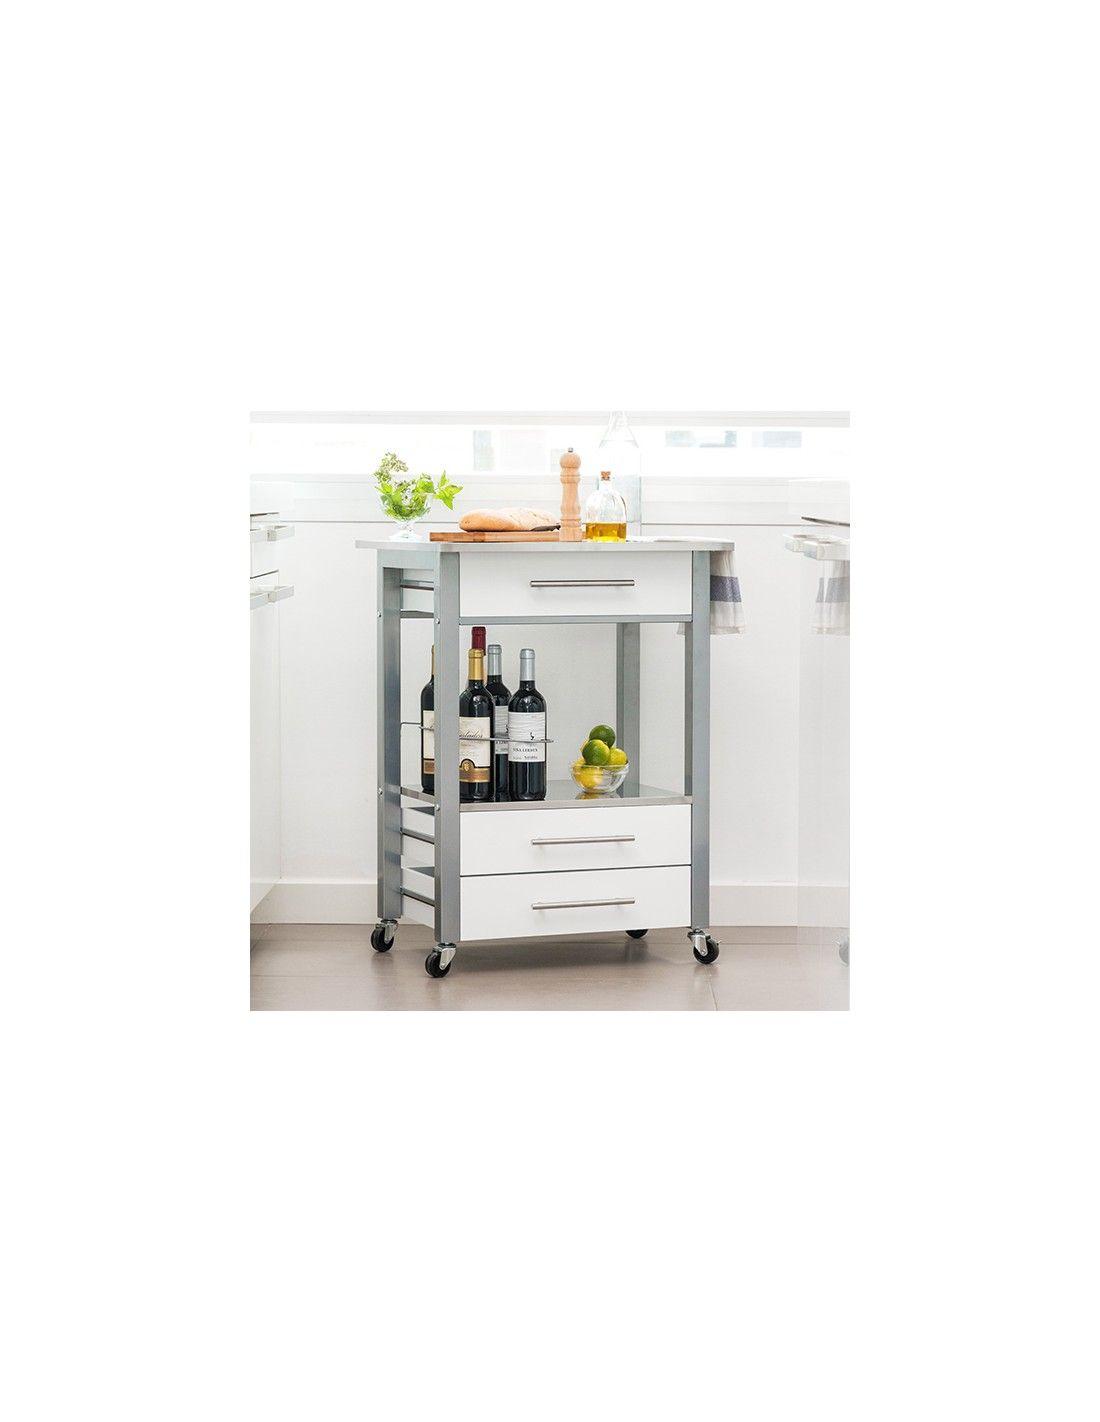 Petit Casier de Cuisine Inox 13,13 € #alvolisfr #meuble #service